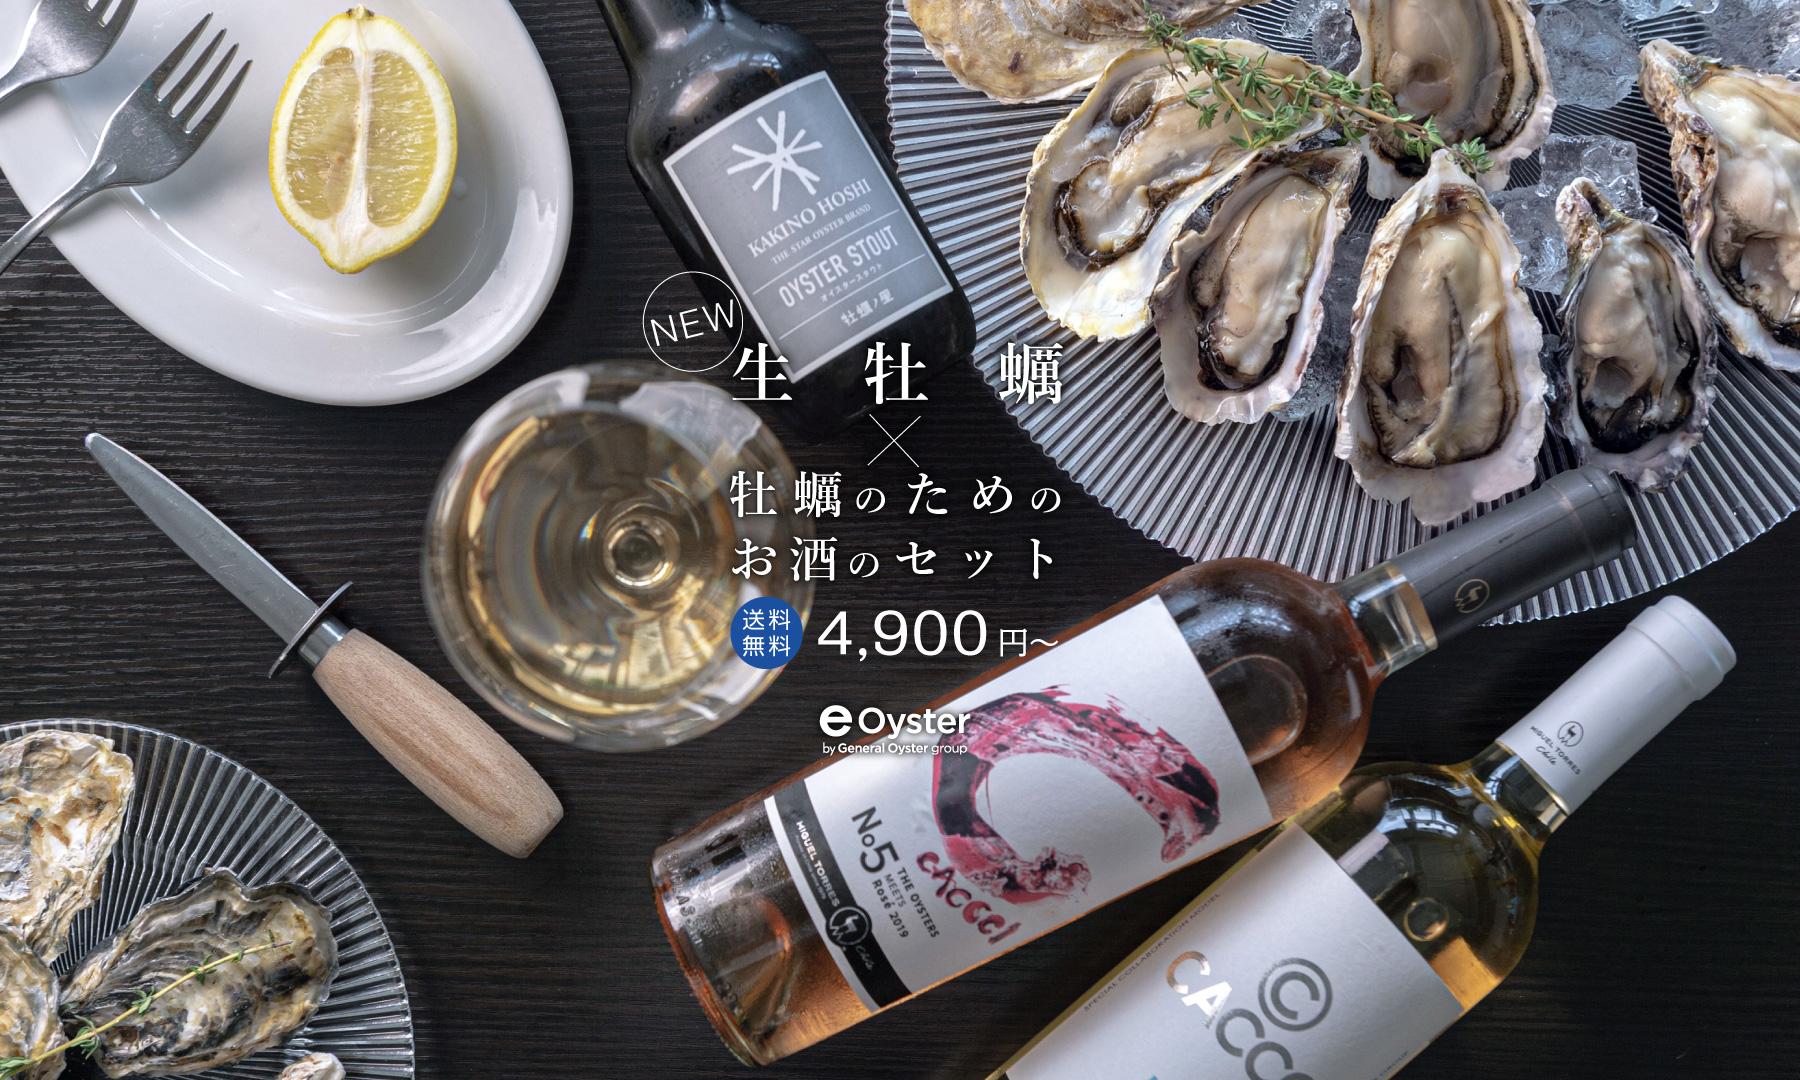 海洋深層水で浄化した安全・安心な殻付き牡蠣が買える唯一のサイト